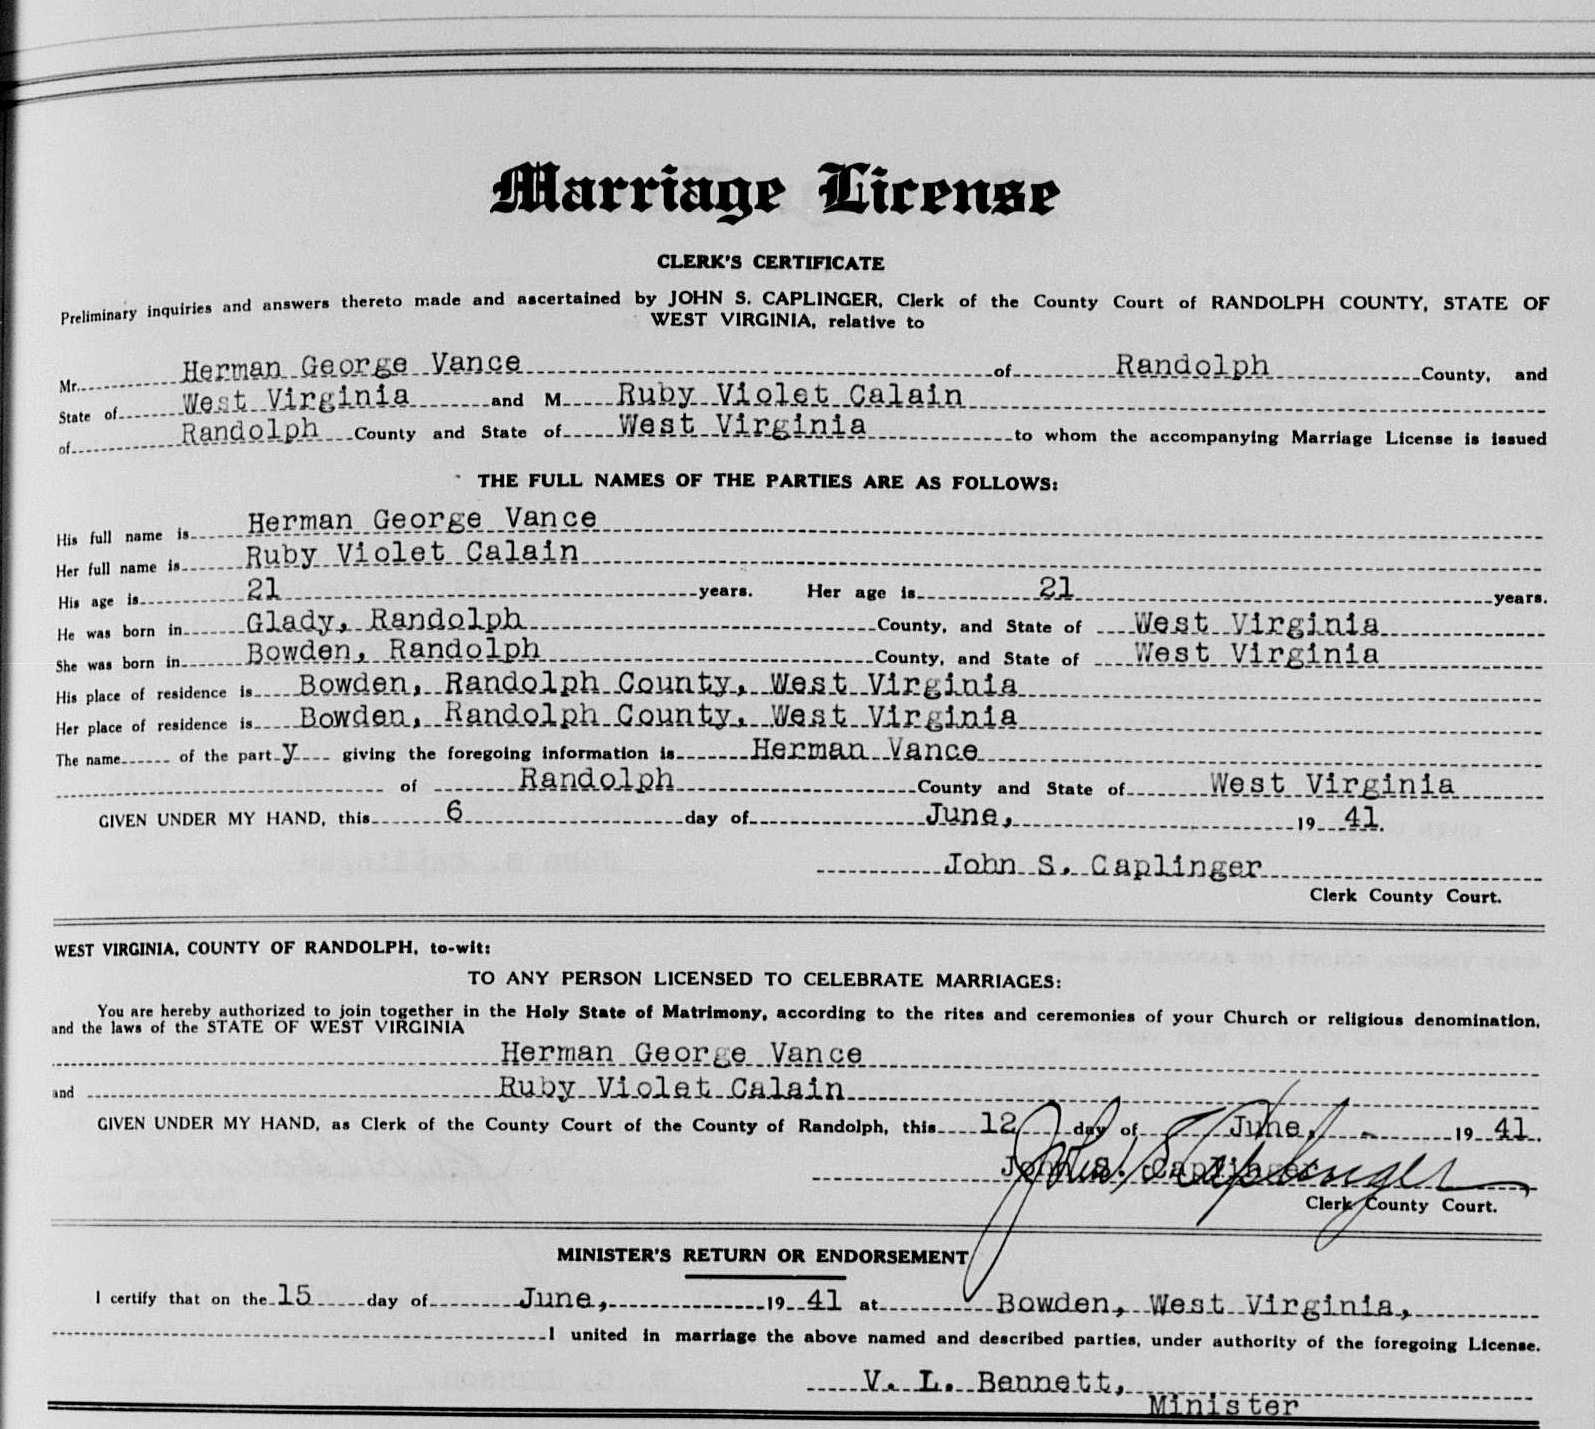 Jefferson Isner Marriages and Children Cordelia Isner